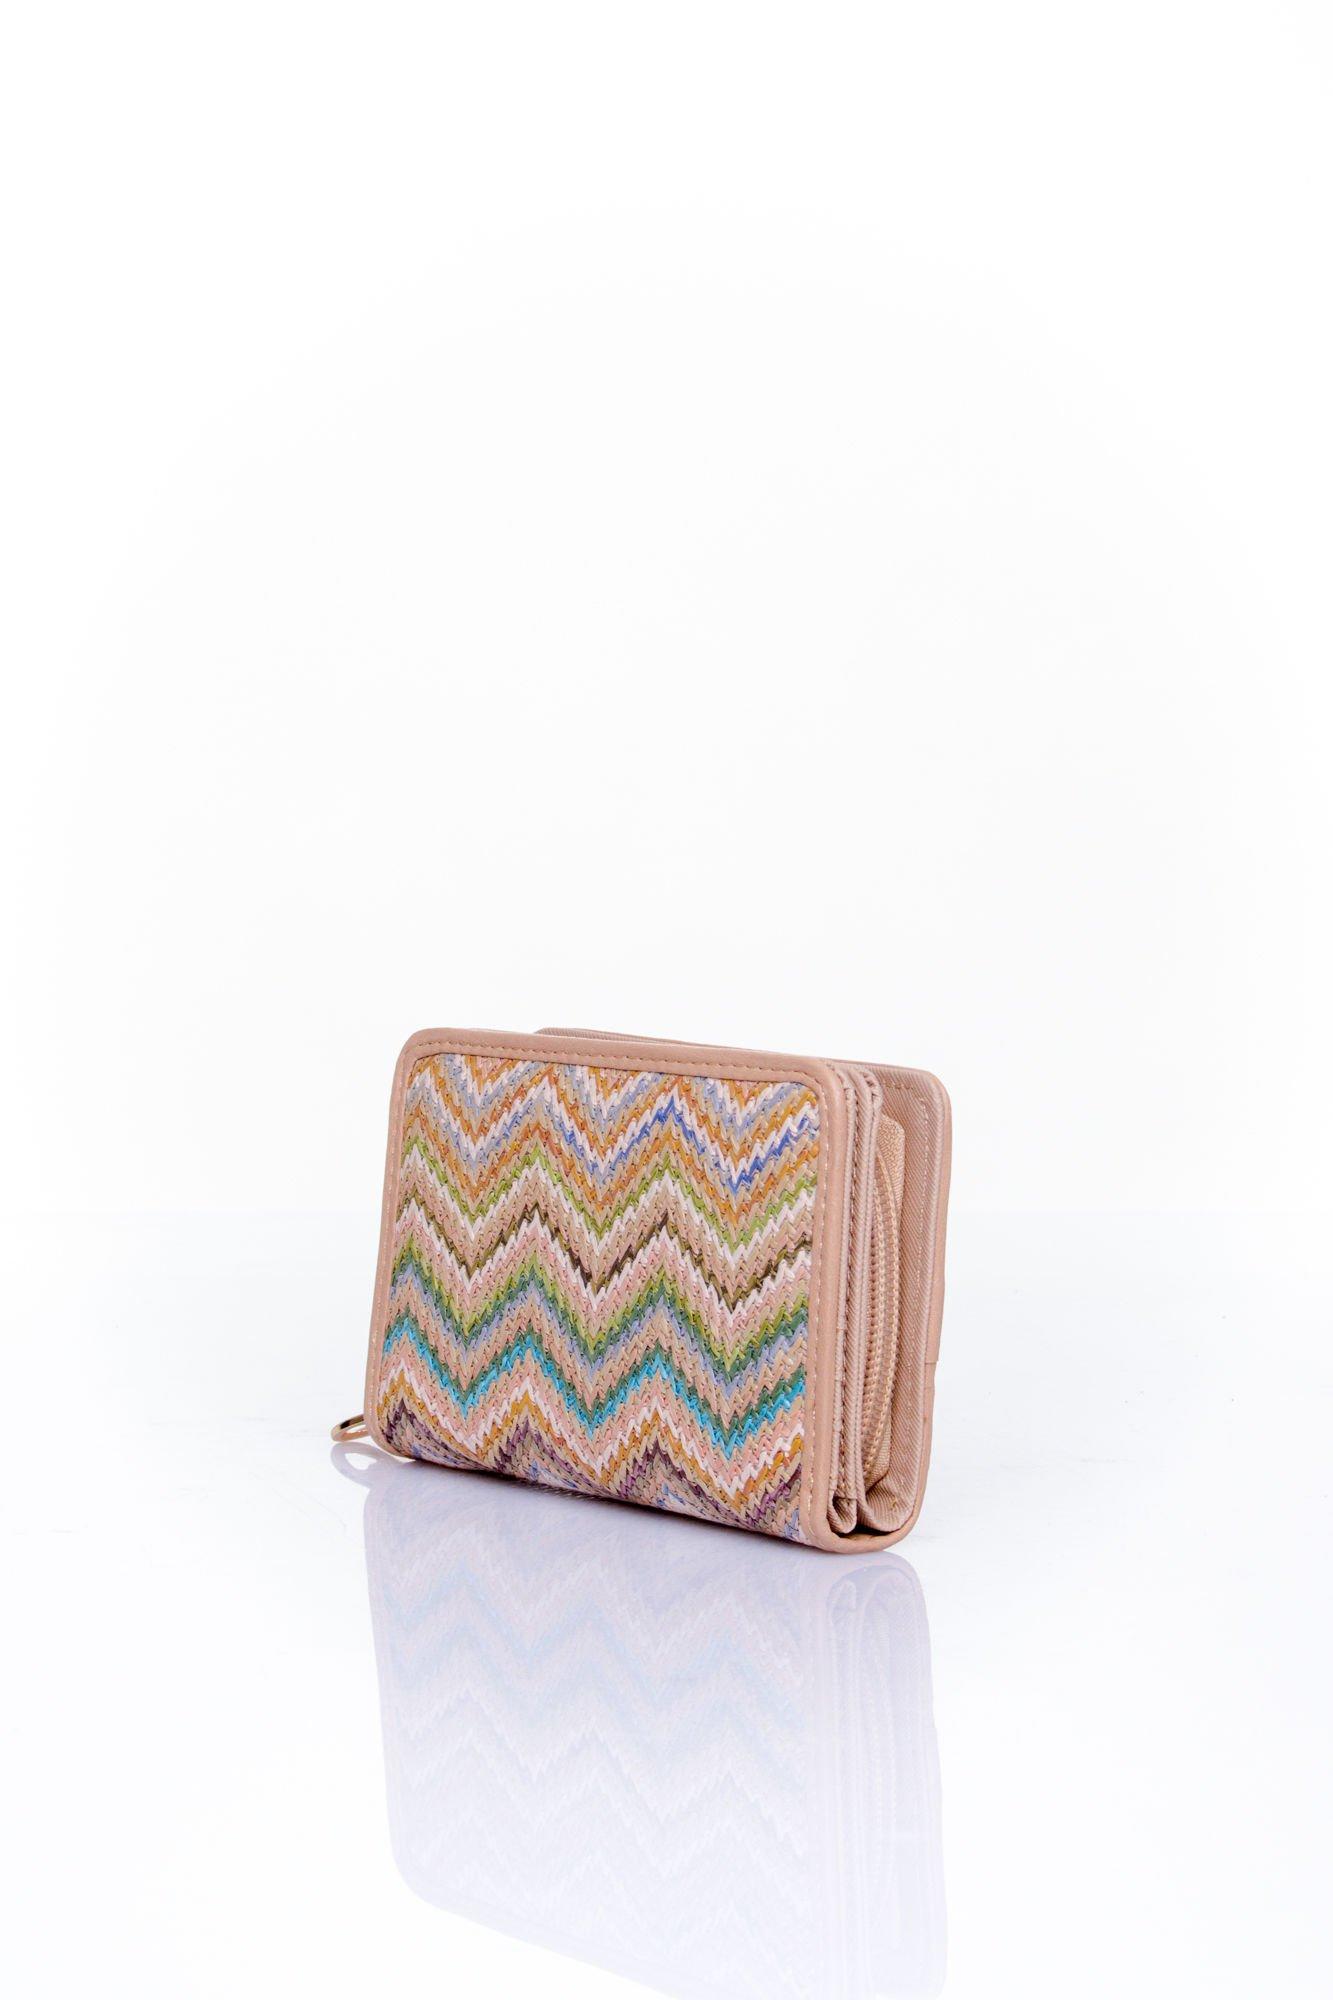 Beżowy portfel z motywem geometrycznej plecionki                                  zdj.                                  2